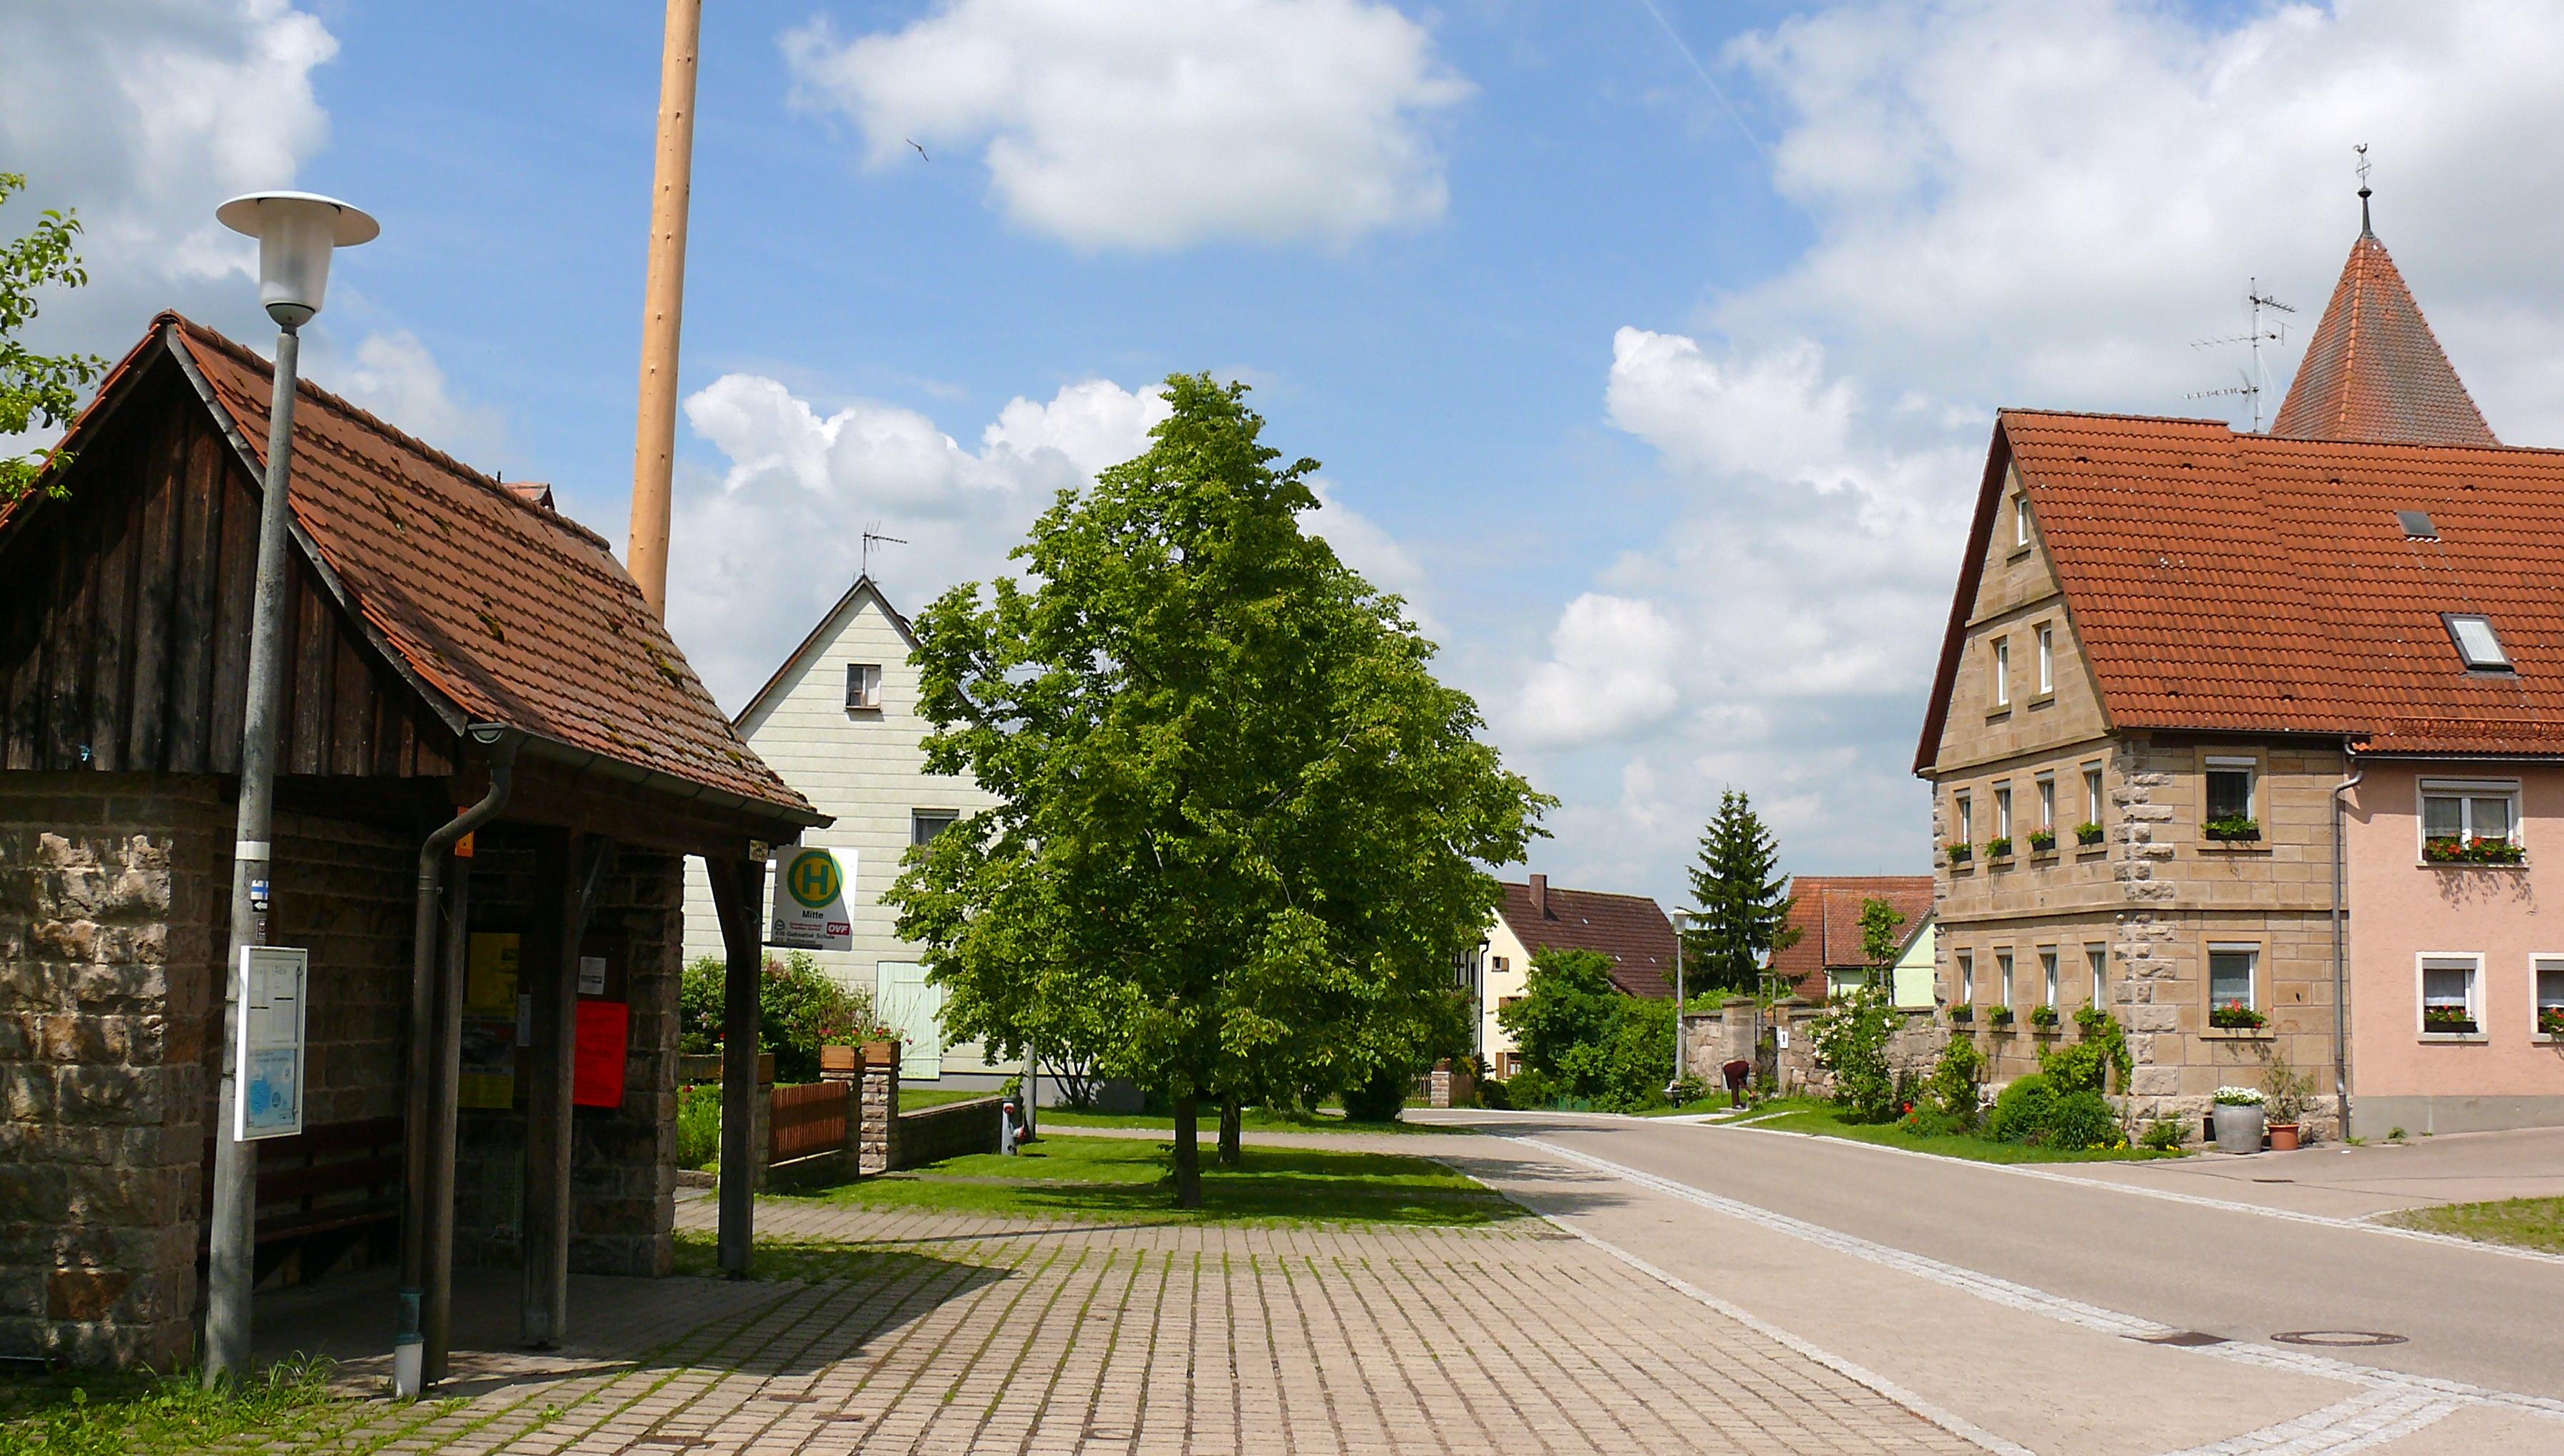 Artikel der Süddeutsche Zeitung über schweinsdorf